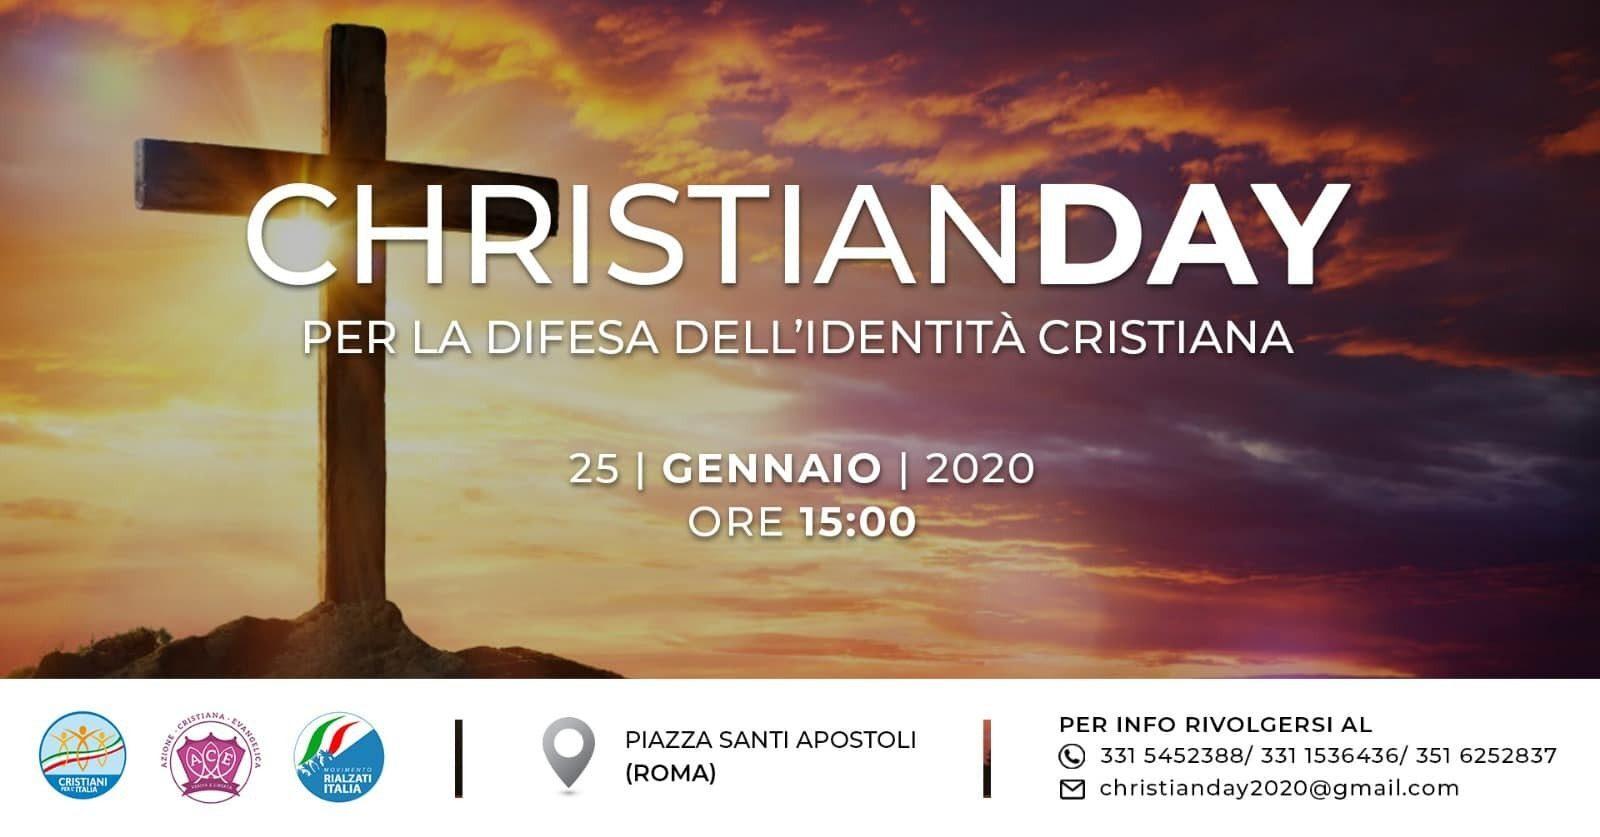 Il Cristianesimo è sotto attacco: a Roma il 25 gennaio il 'Christian Day'